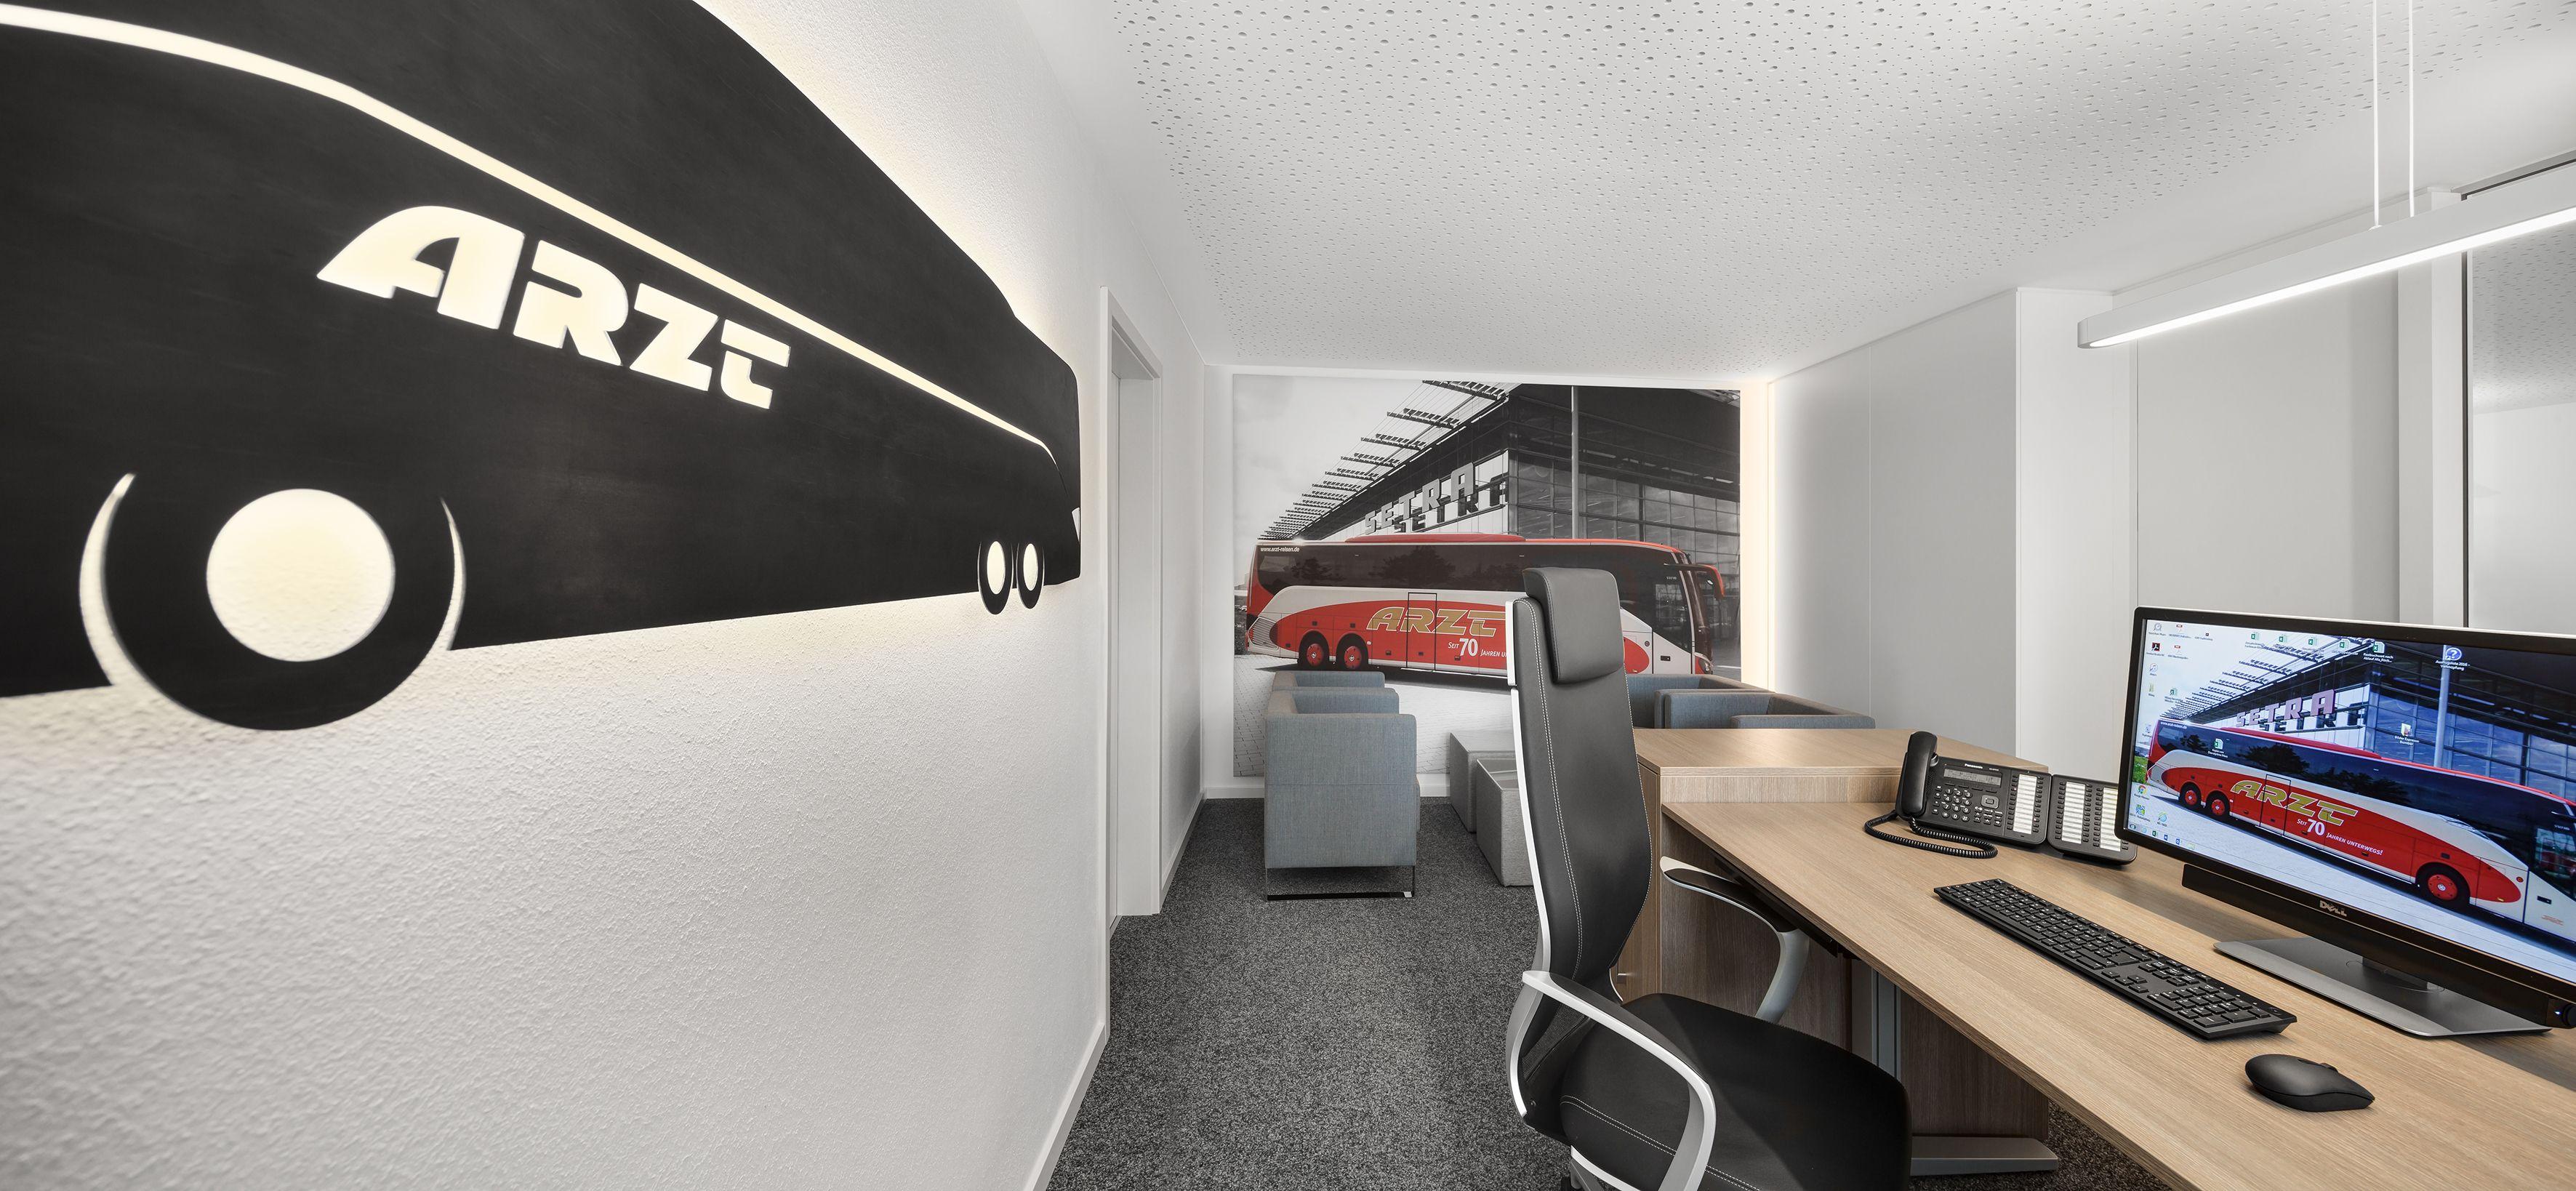 ergonomischer Bürostuhl, Lifttisch, Stahl, Magnettafel, Monitor ...